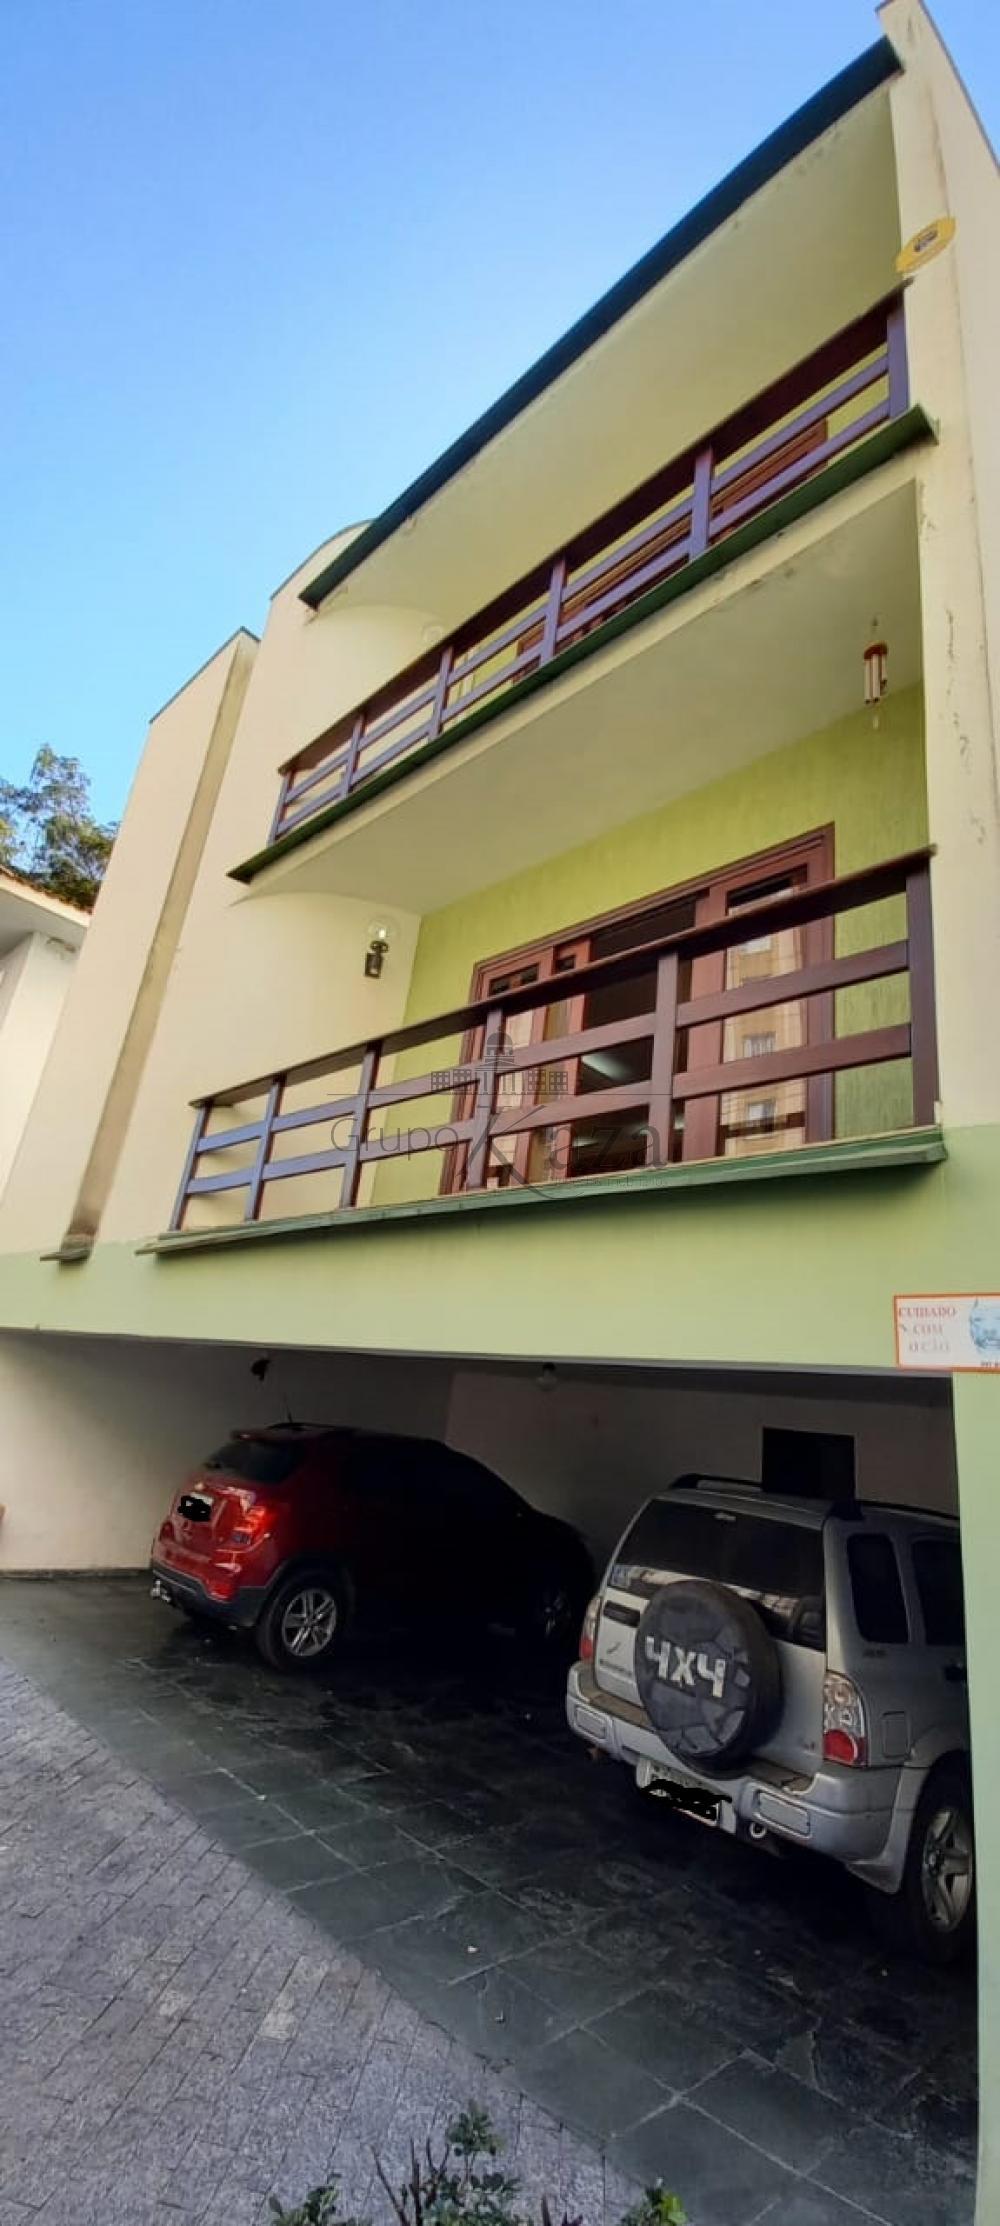 alt='Comprar Casa / Comercial / Residencial em São José dos Campos R$ 1.500.000,00 - Foto 35' title='Comprar Casa / Comercial / Residencial em São José dos Campos R$ 1.500.000,00 - Foto 35'